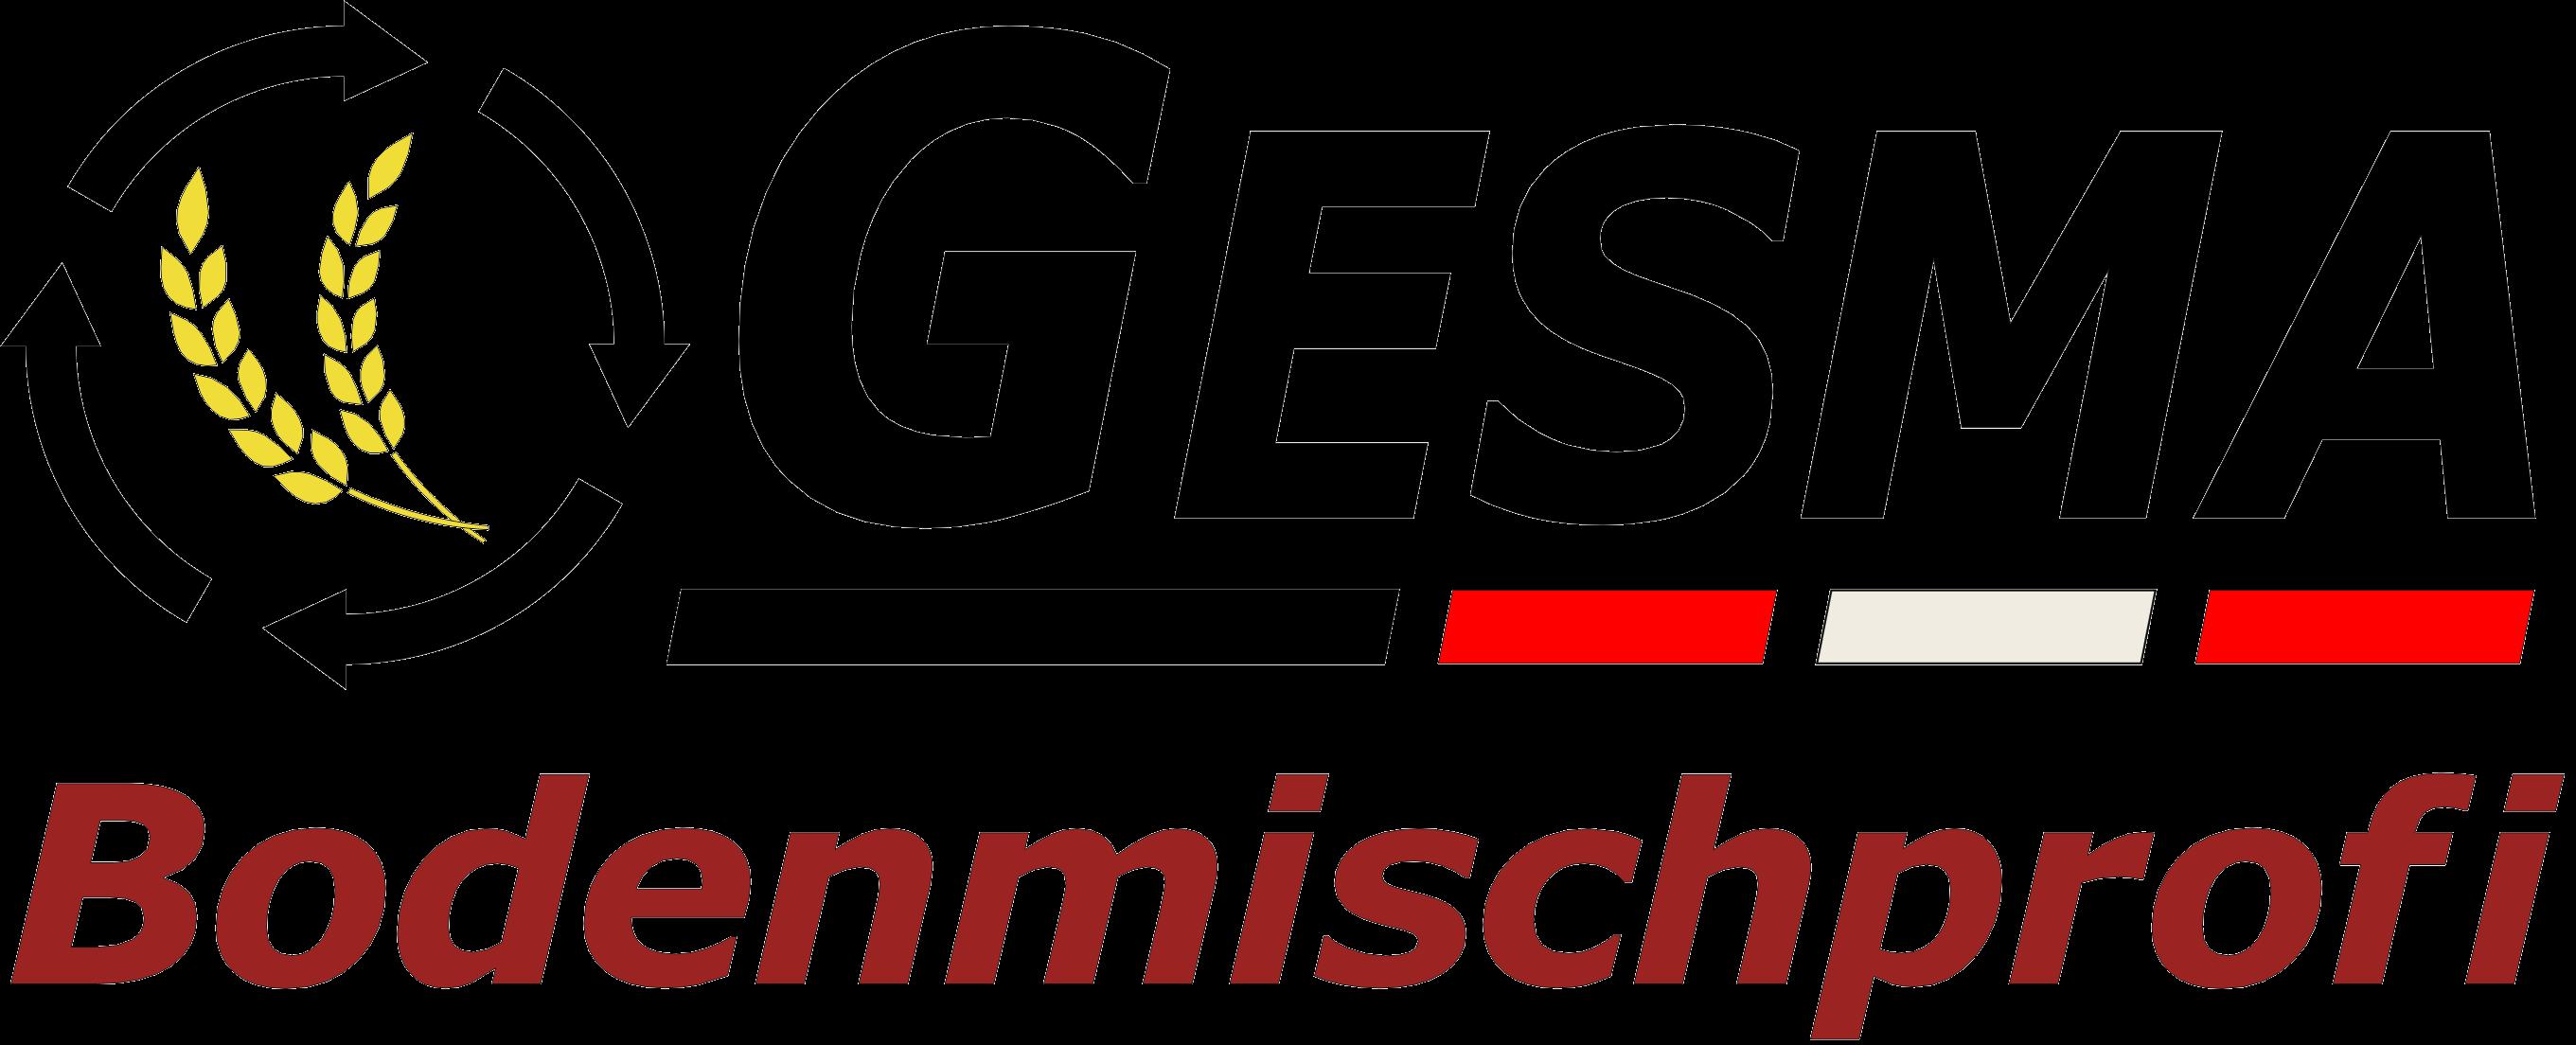 Der Bodenmischprofi - Zukunft am Feld. GESMA GmbH in Oberösterreich. | Ein Gerät, das Pflug und Kreiselegge ersetzt.Der Bodenmischprofi erledigt bis zu drei Arbeitsschritte in einer Überfahrt: lockern, zerkleinern und säen.